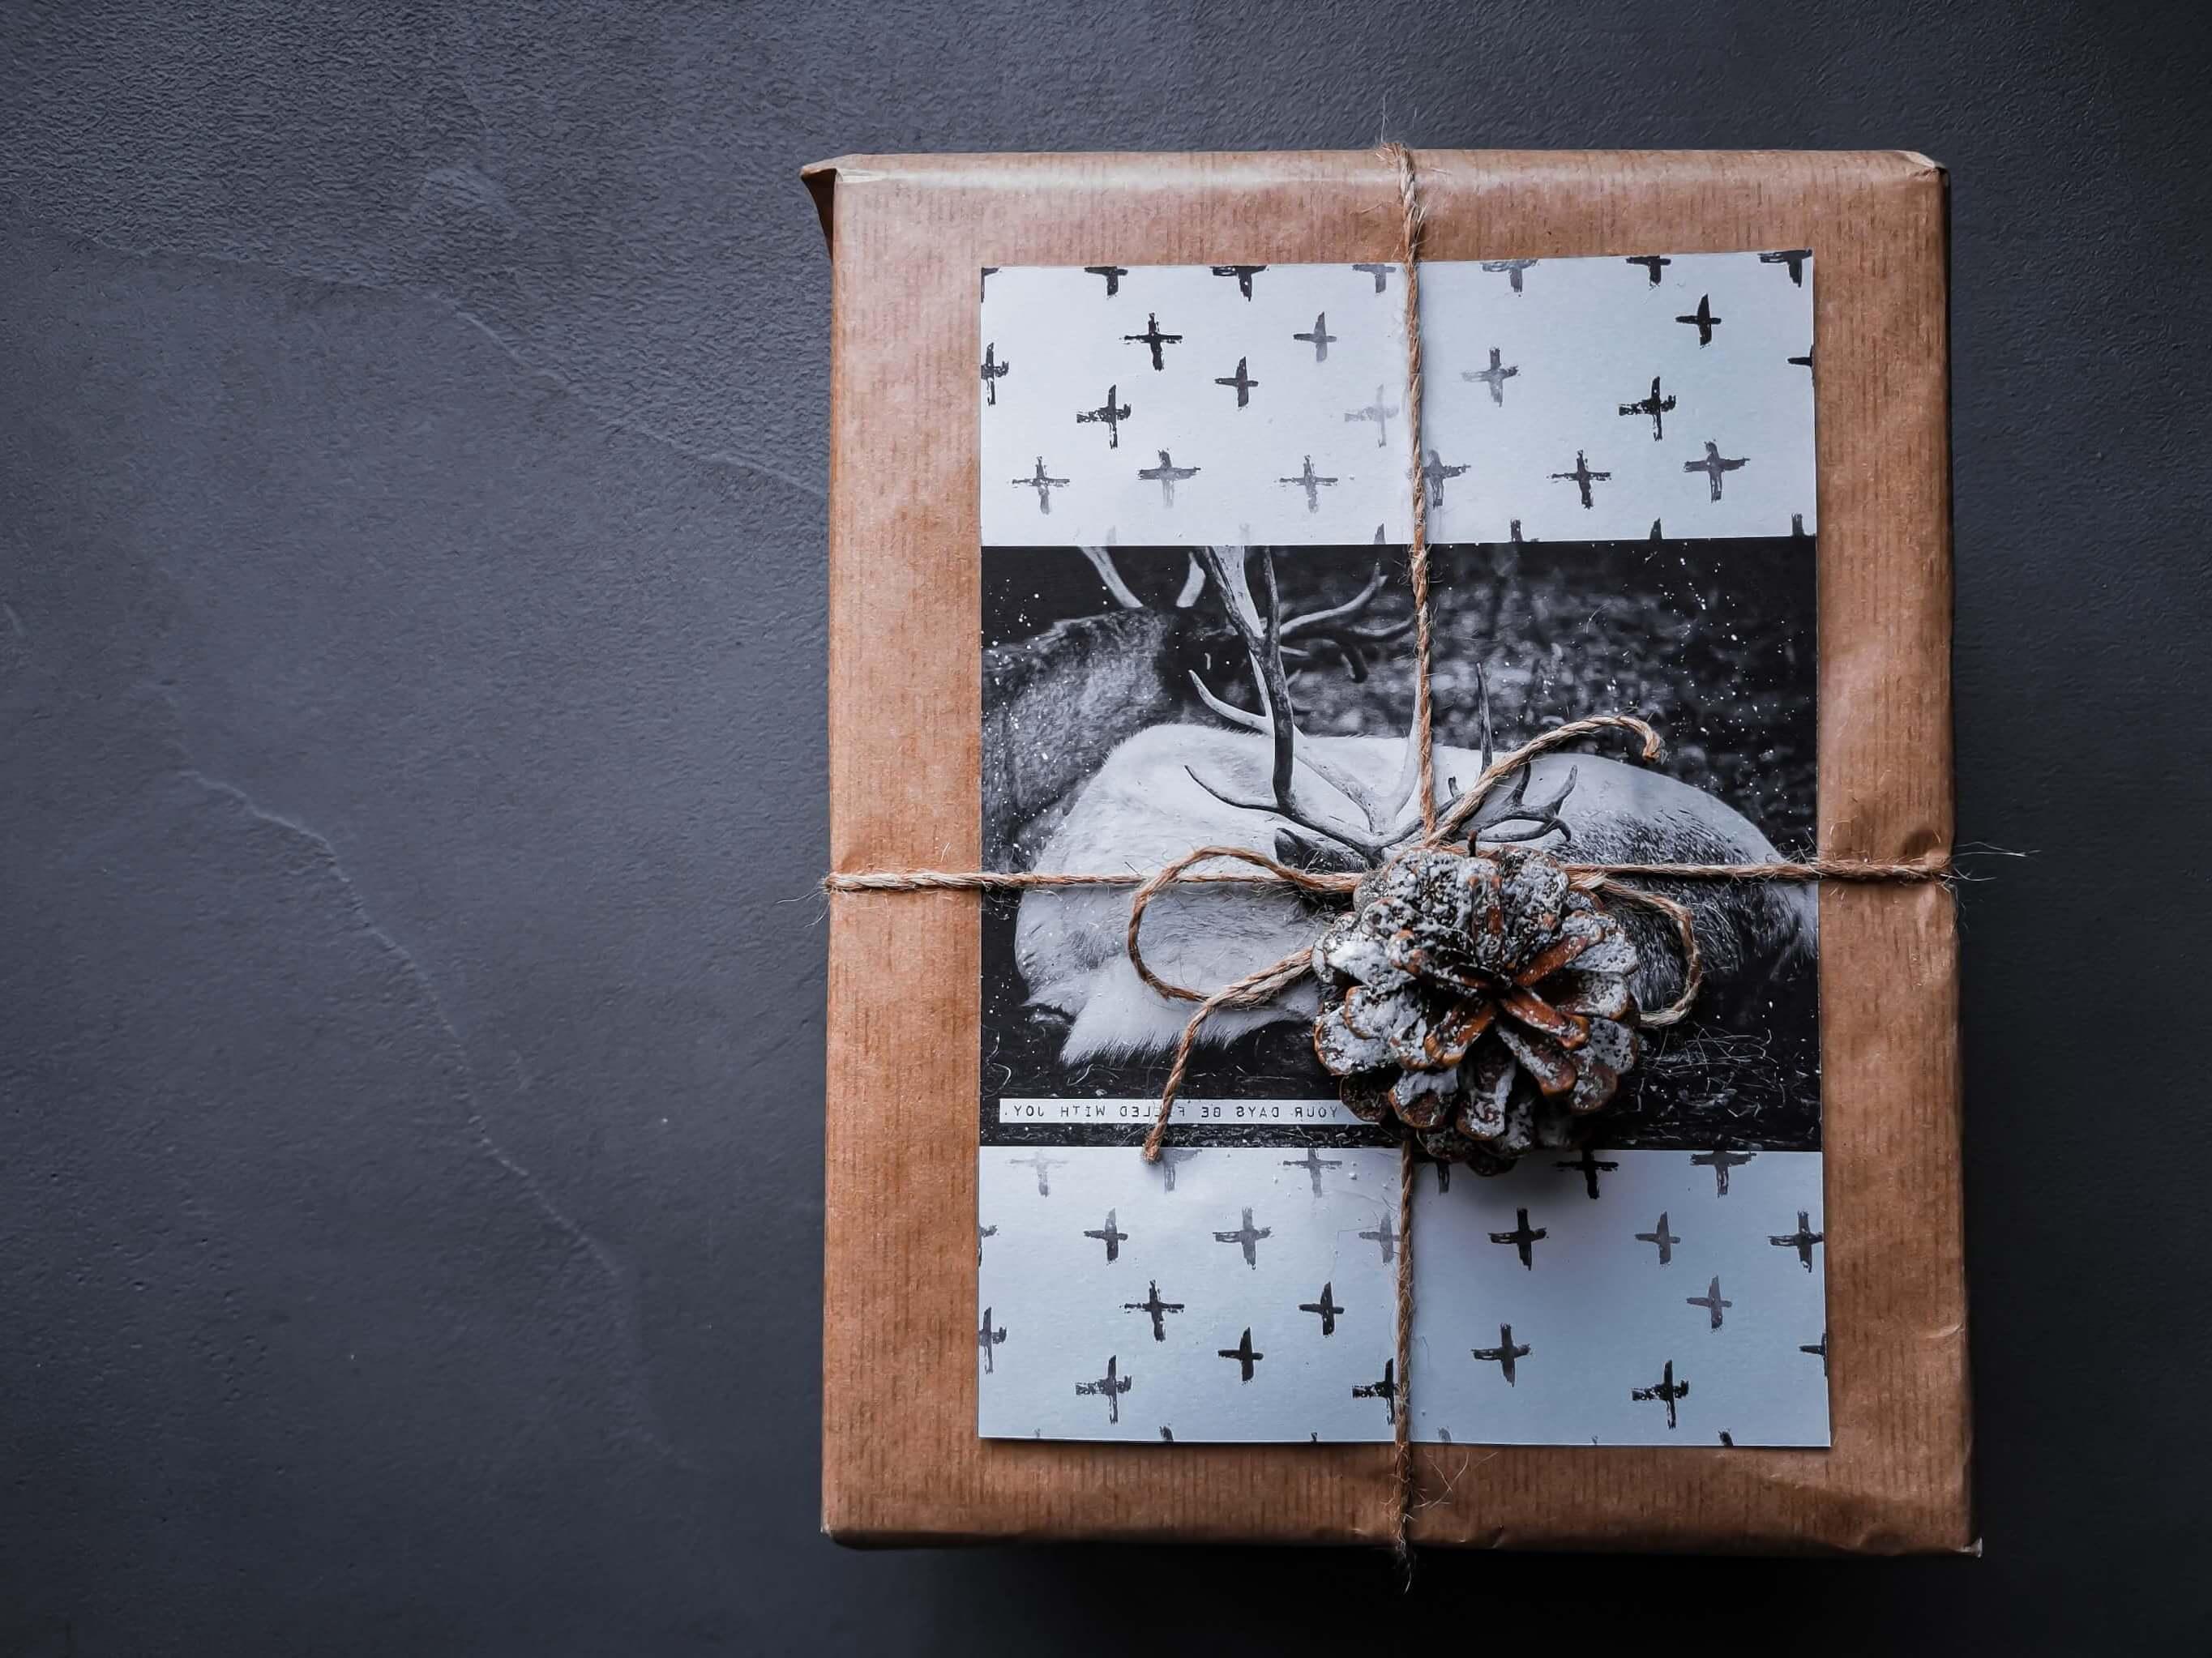 IMG 20191207 112206 resized 20191208 060252627 e1576006533572 - Geschenke verpacken: 11 kreative Tipps zum Selbermachen